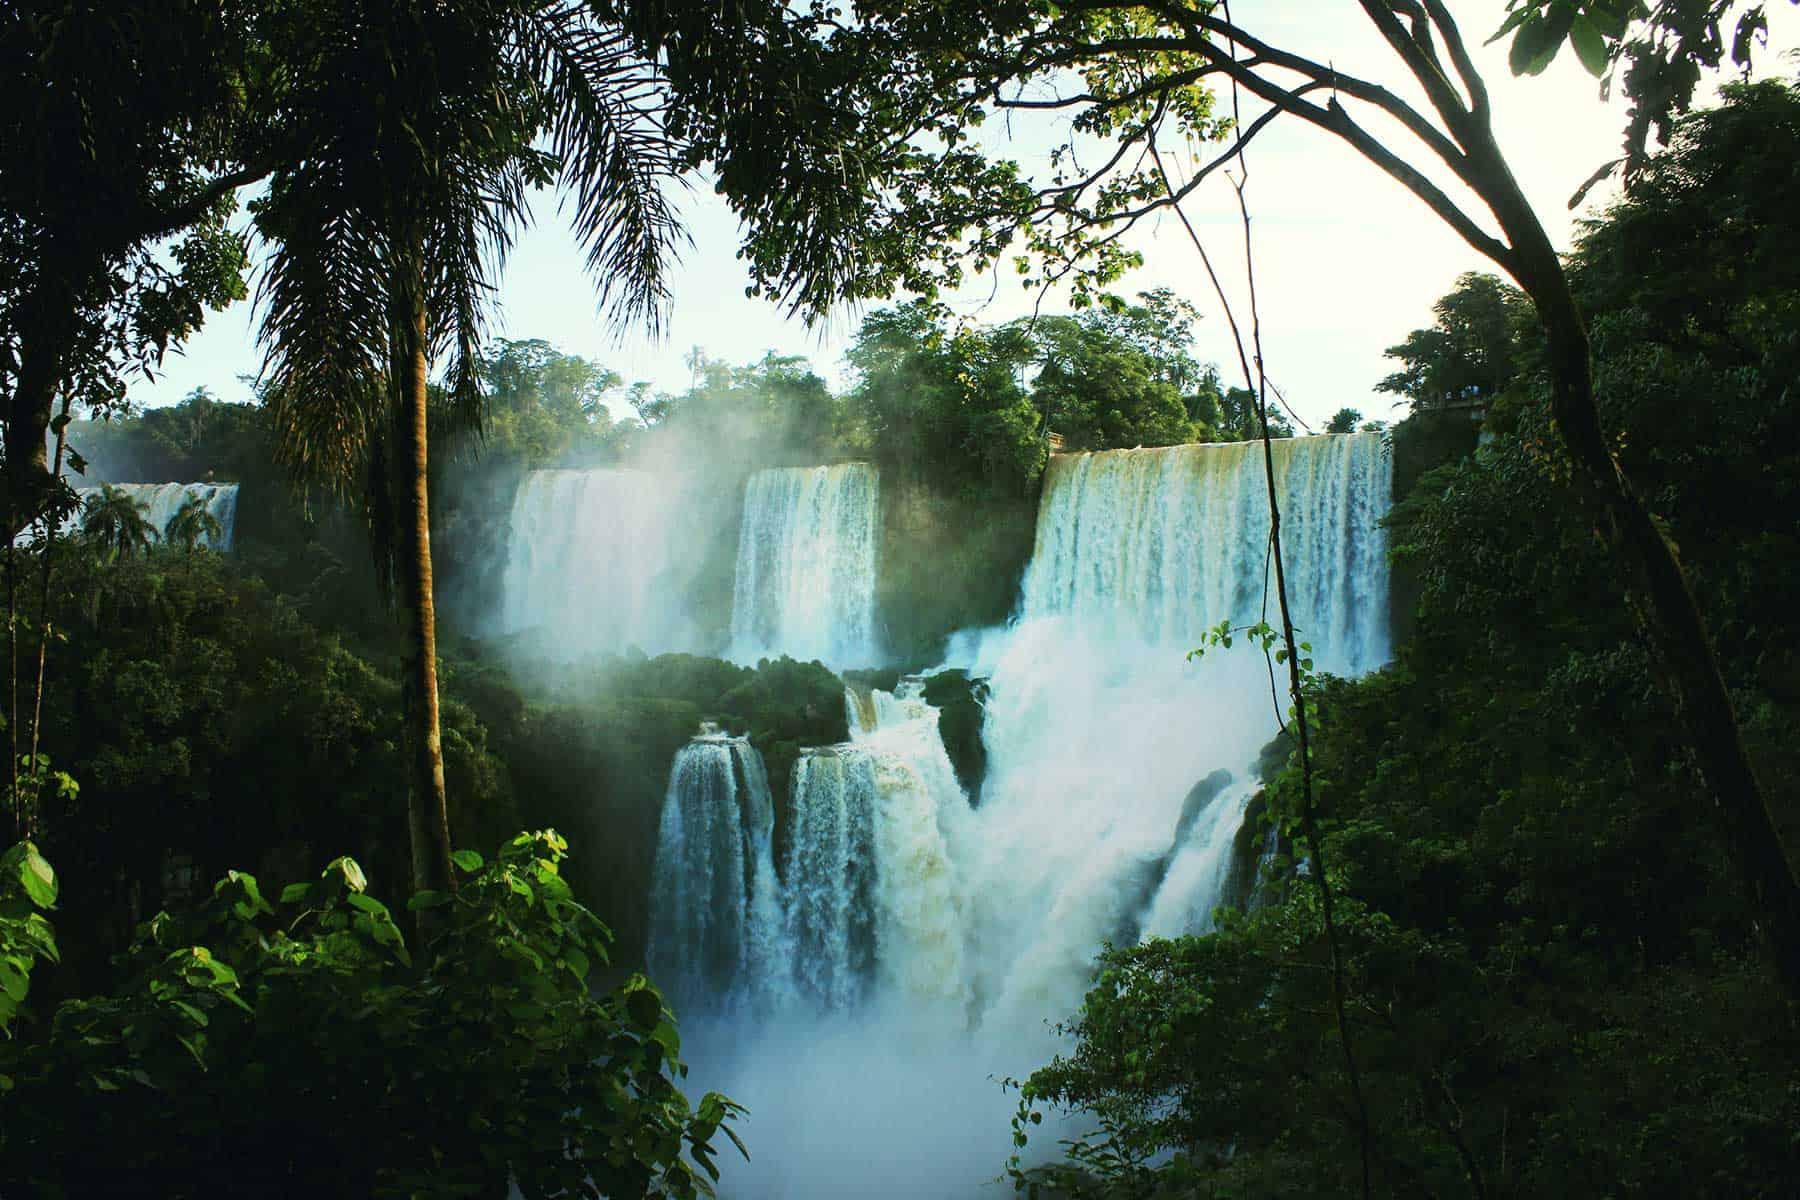 Resor_Paraguay_Iguazufallen_Nygren_Lind_Resebyrå